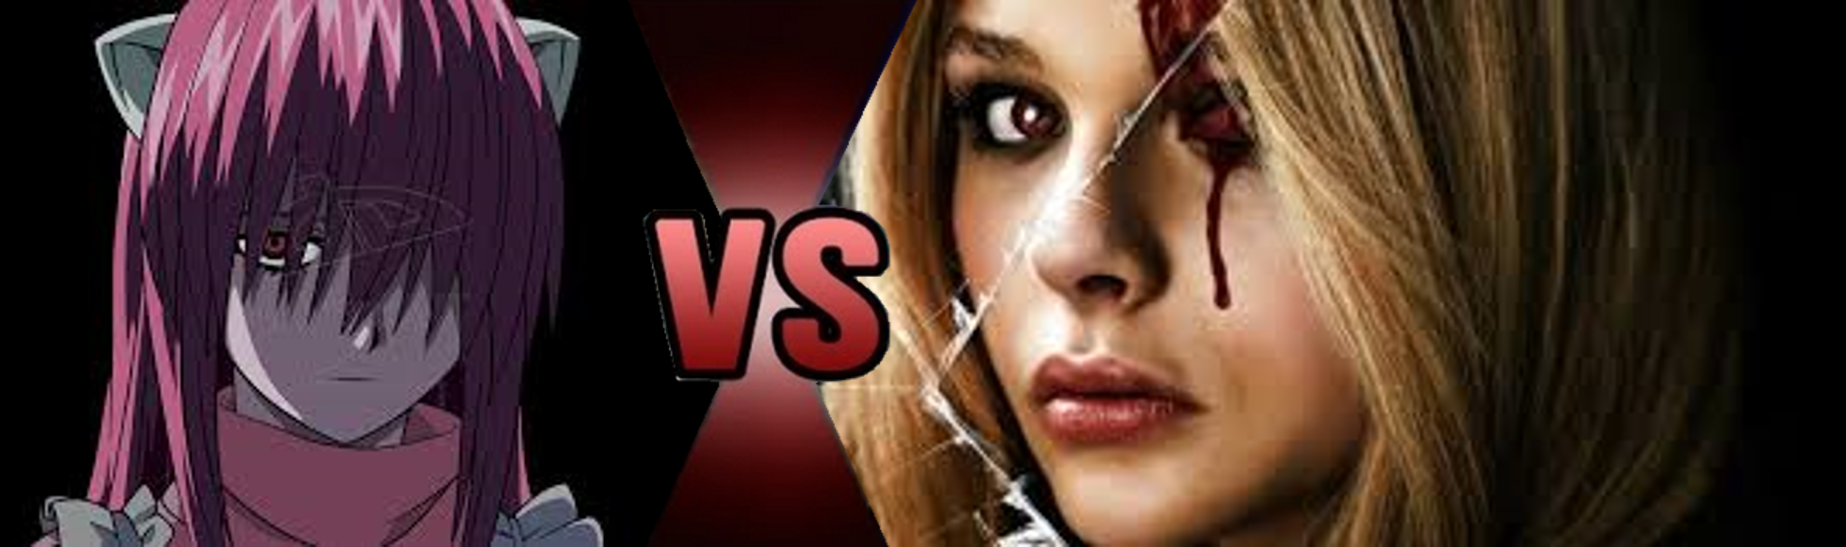 lucy vs carrie death battle fanon wiki fandom powered